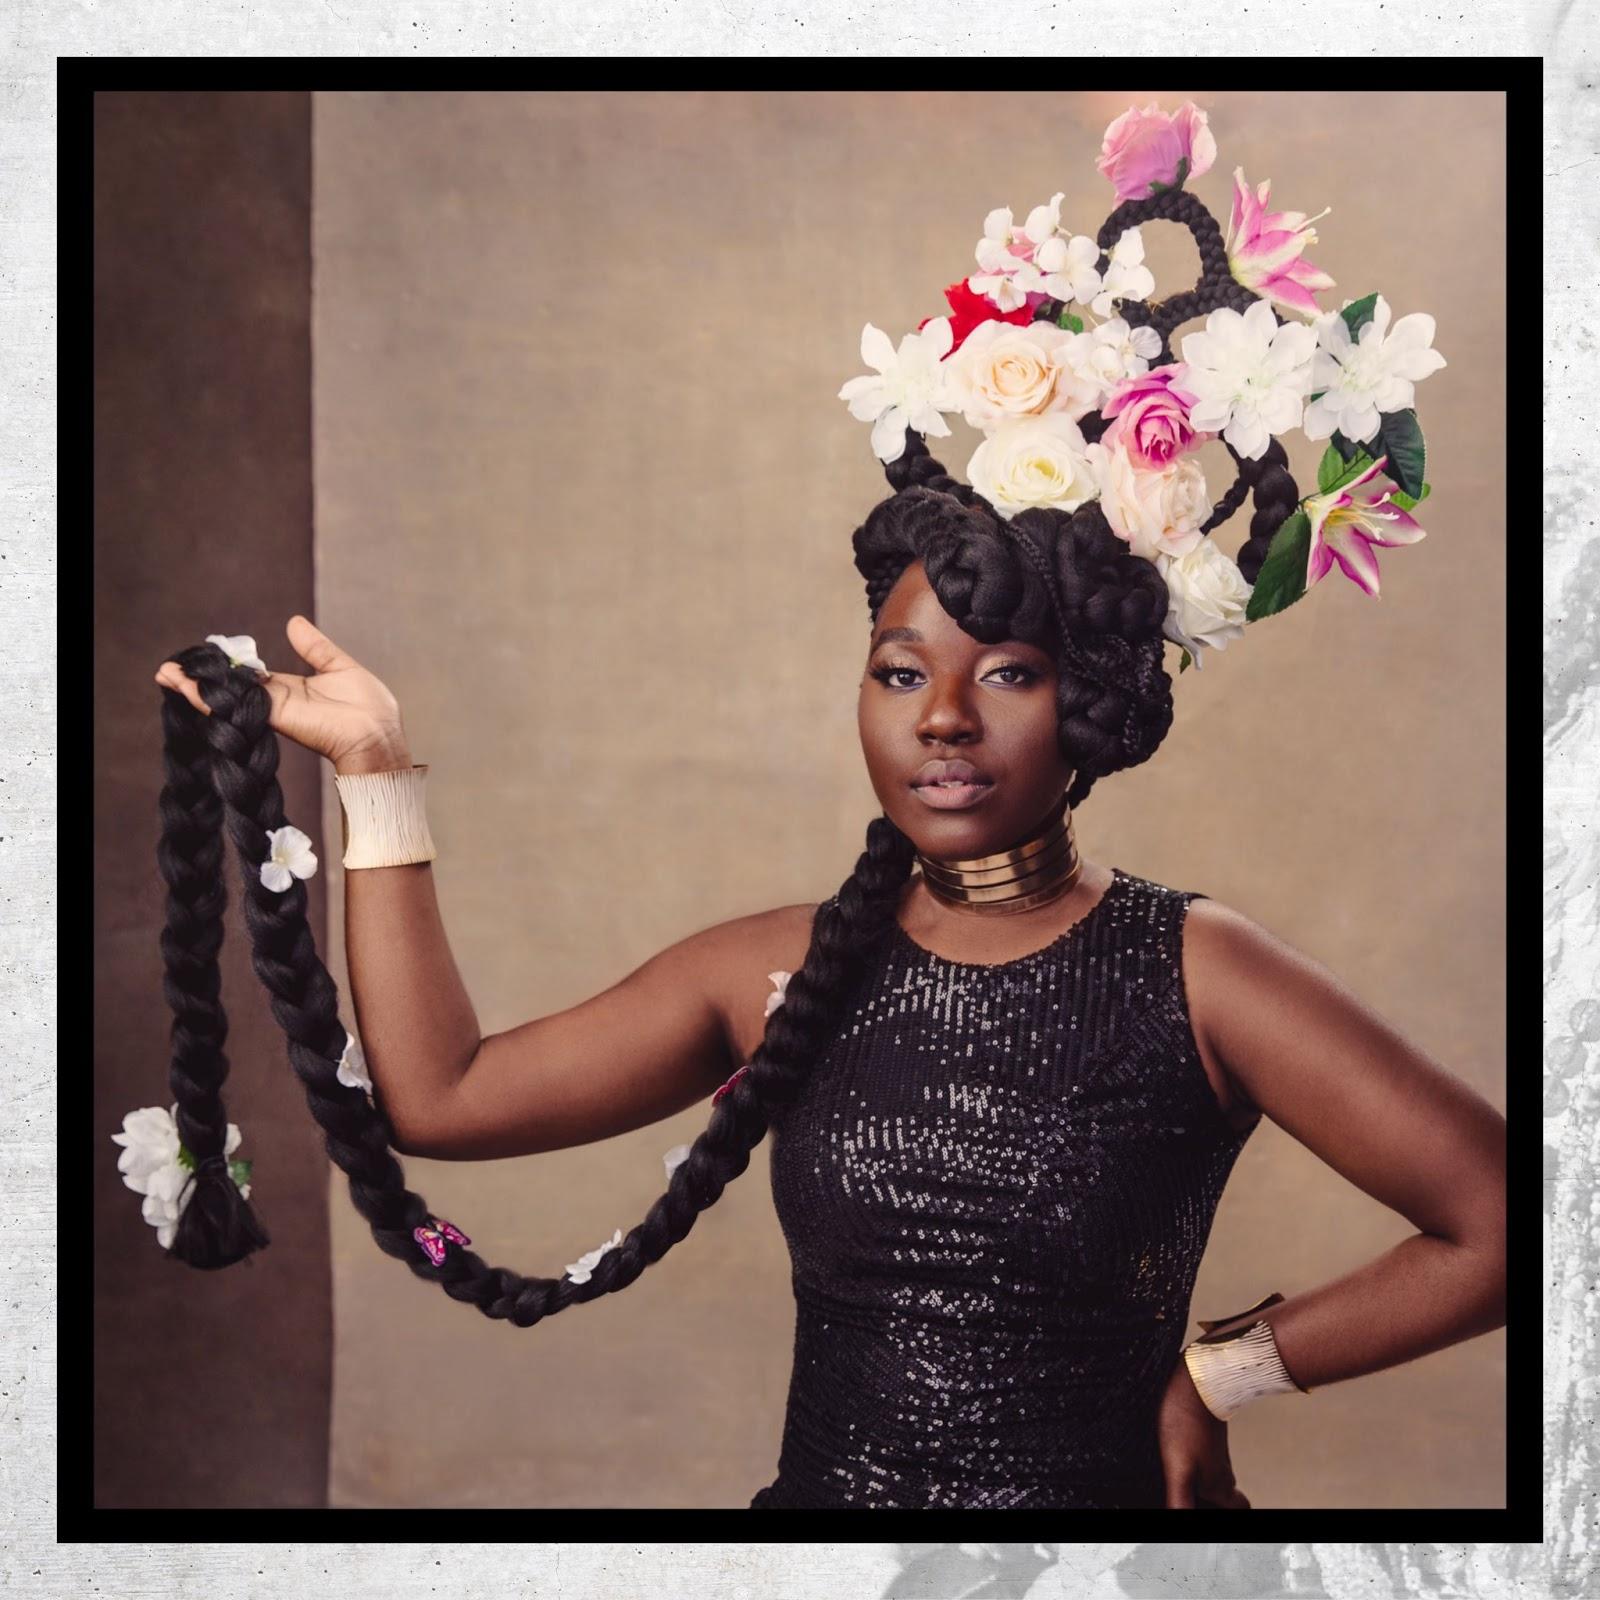 Joy Rukanza's vocals bloom in her new song Roses